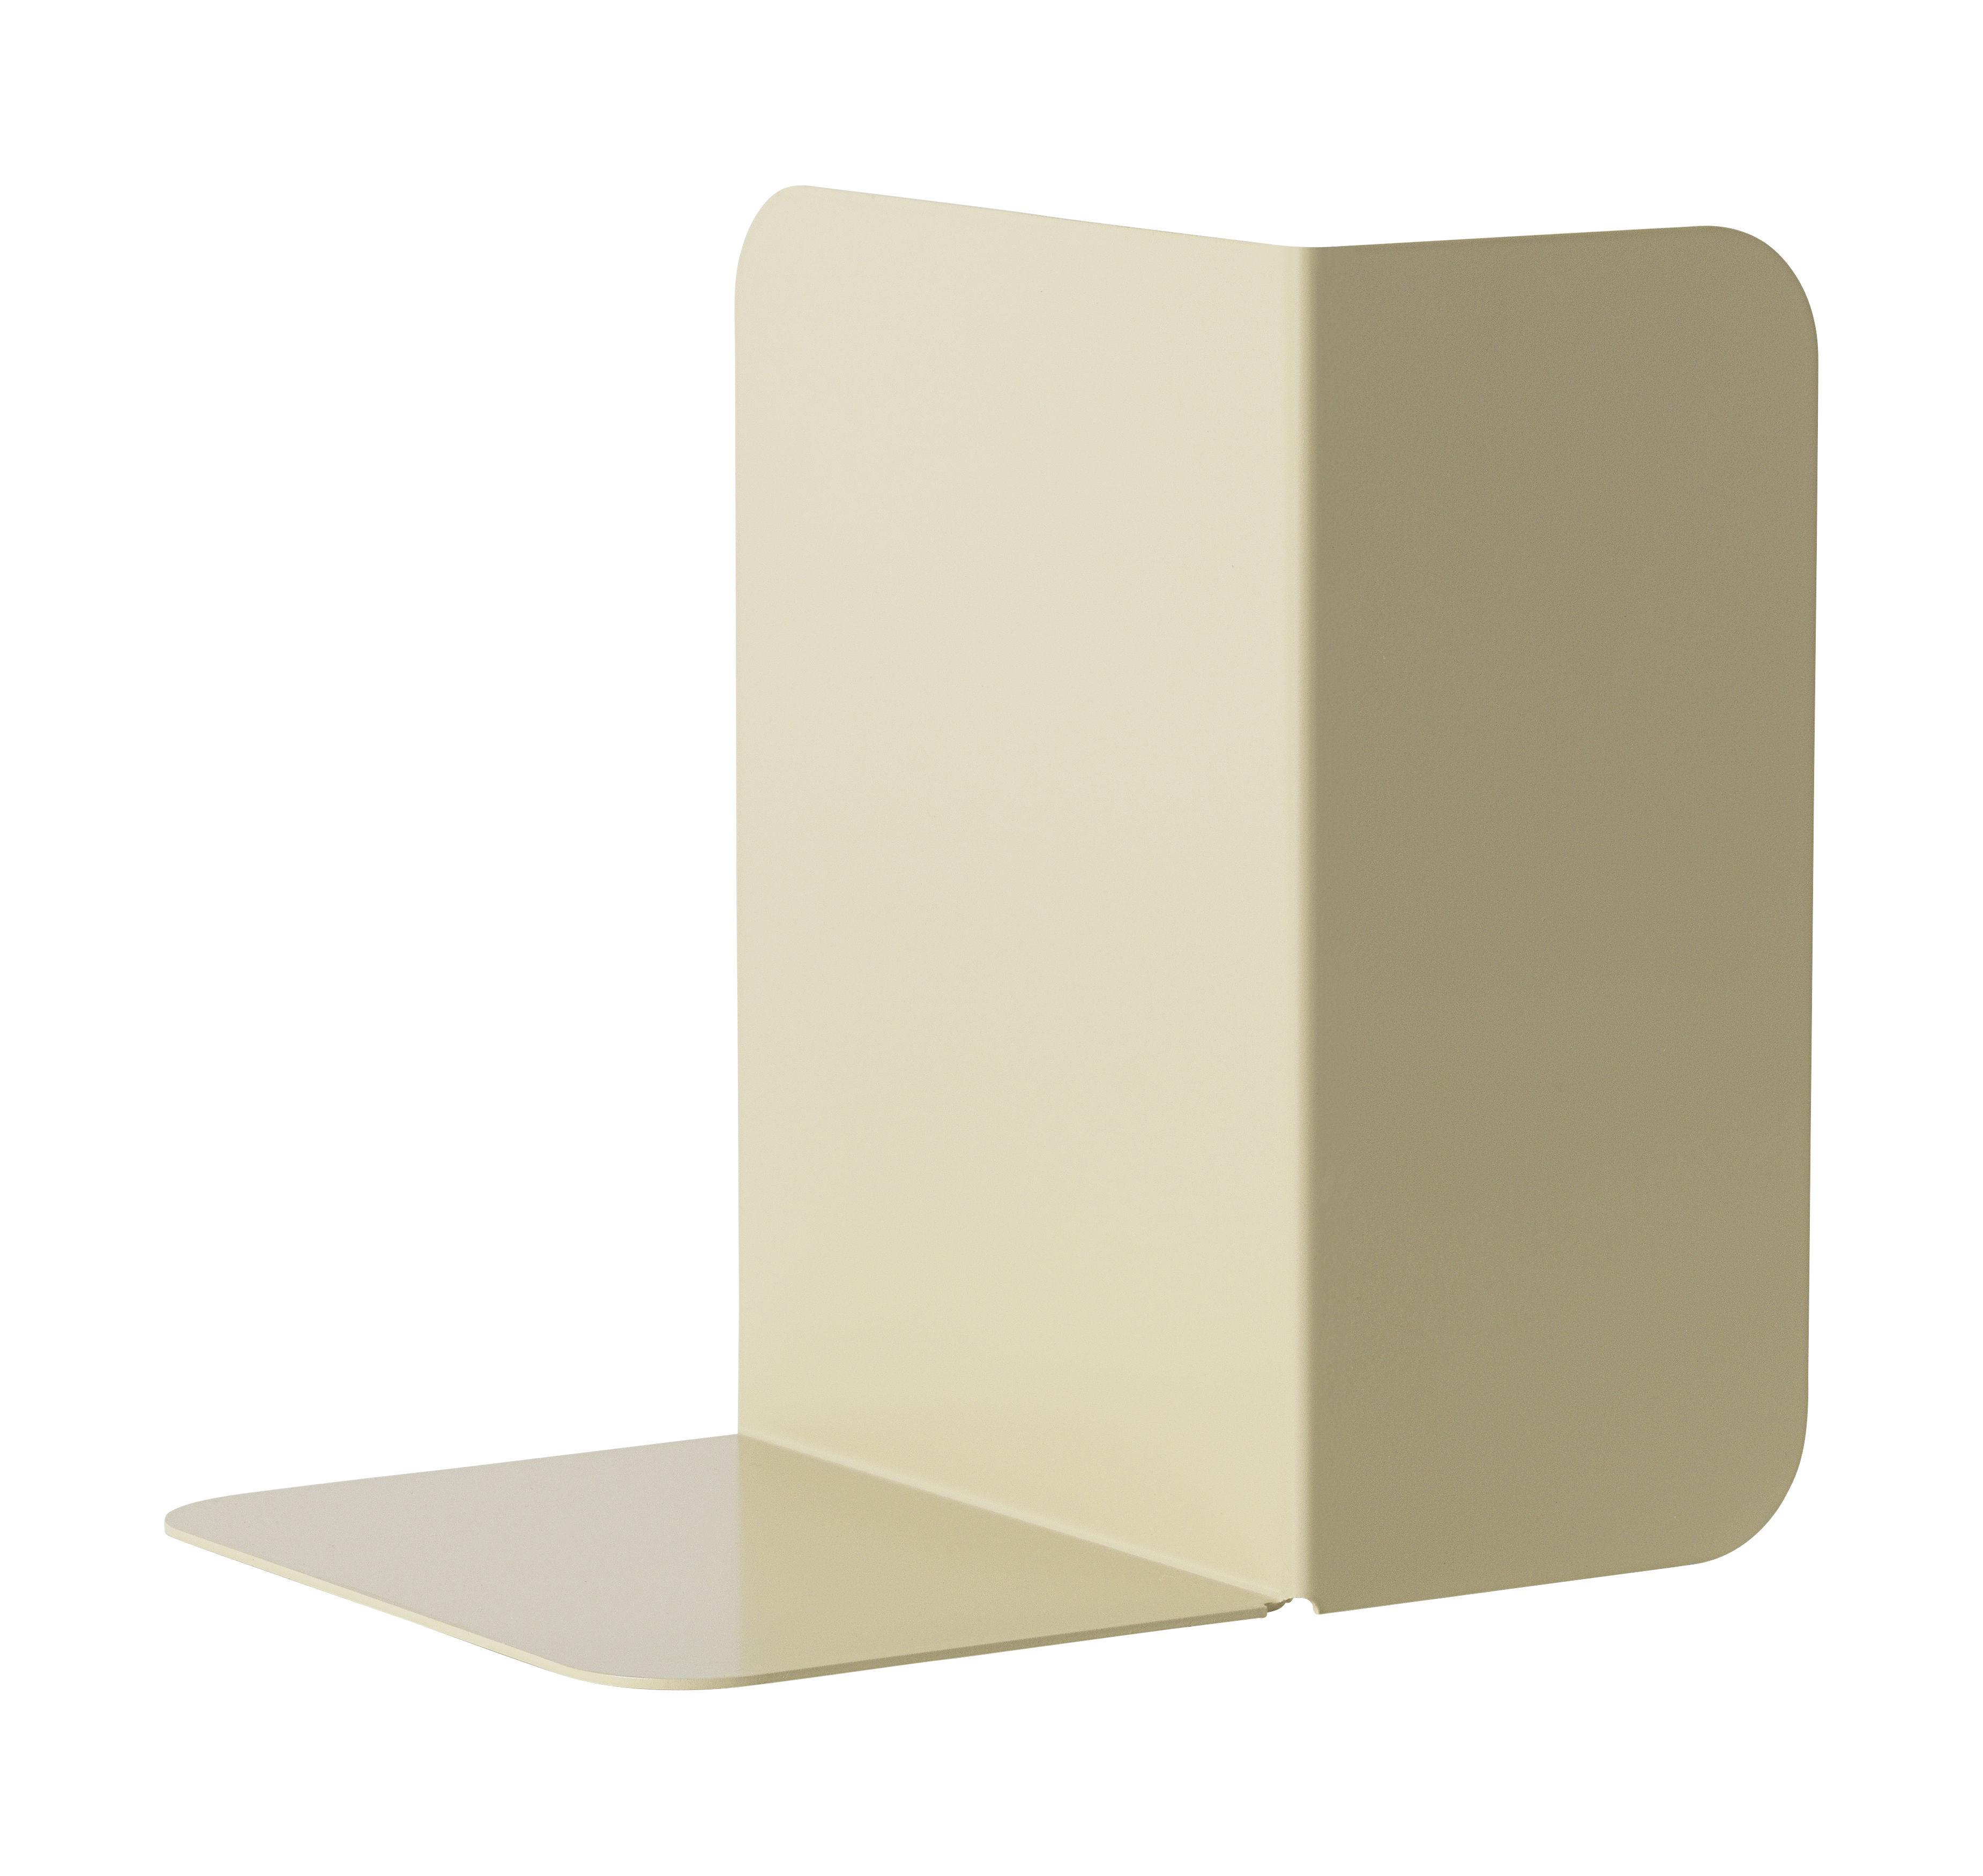 Accessoires - Accessoires für das Büro - Compile Buchstütze / Metall - variabel - Muuto - Grün-beige - lackierter Stahl